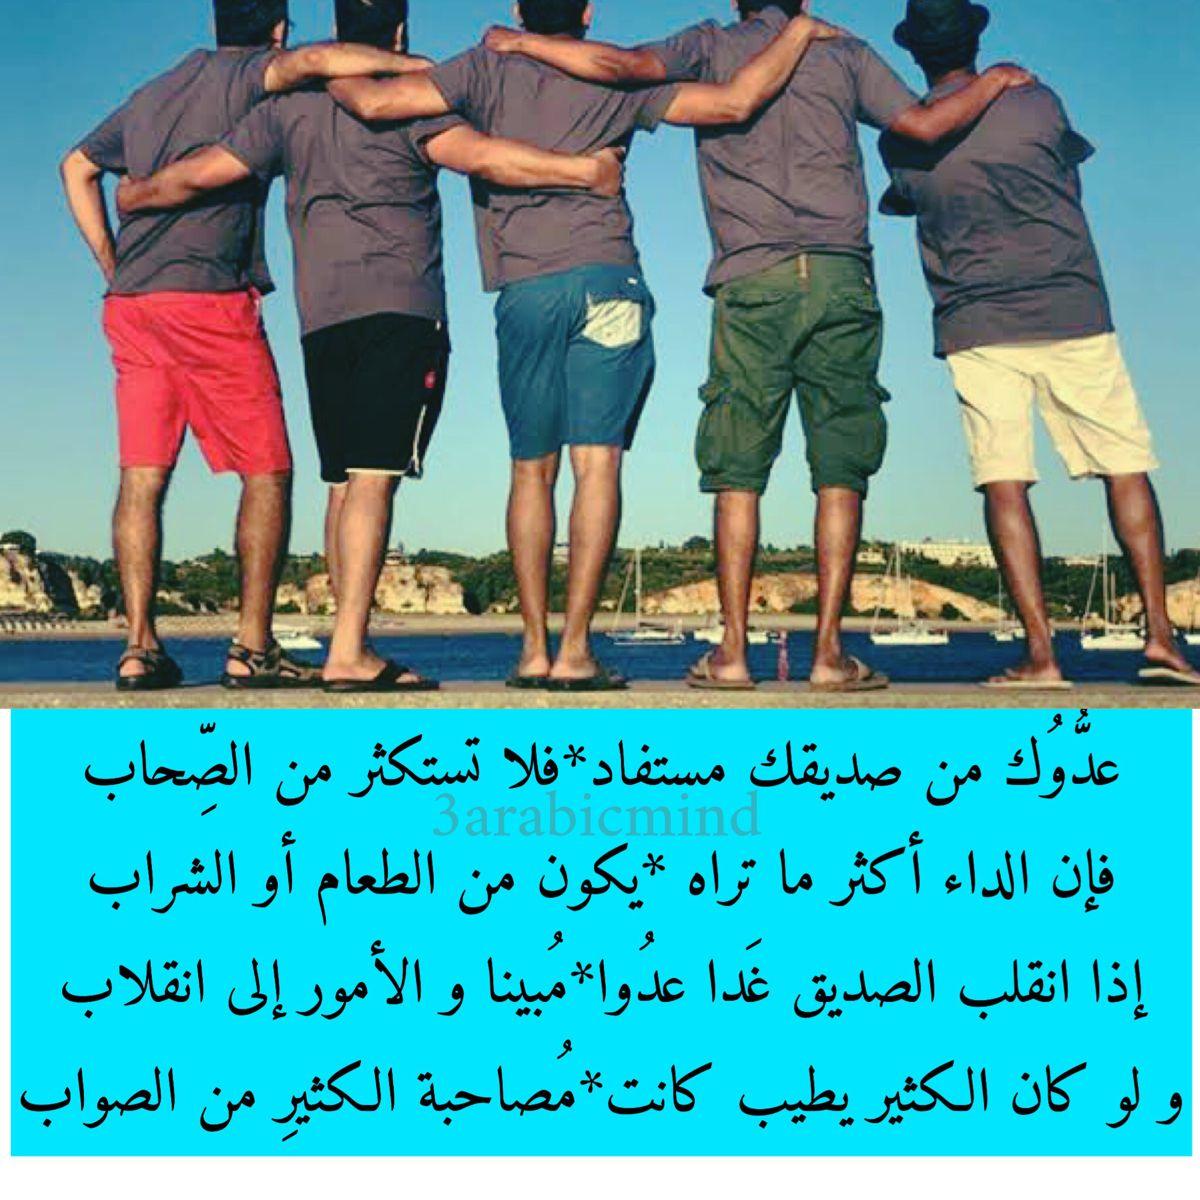 لا تغرنك كثرة الاصحاب Baseball Cards Arabic Quotes Poster